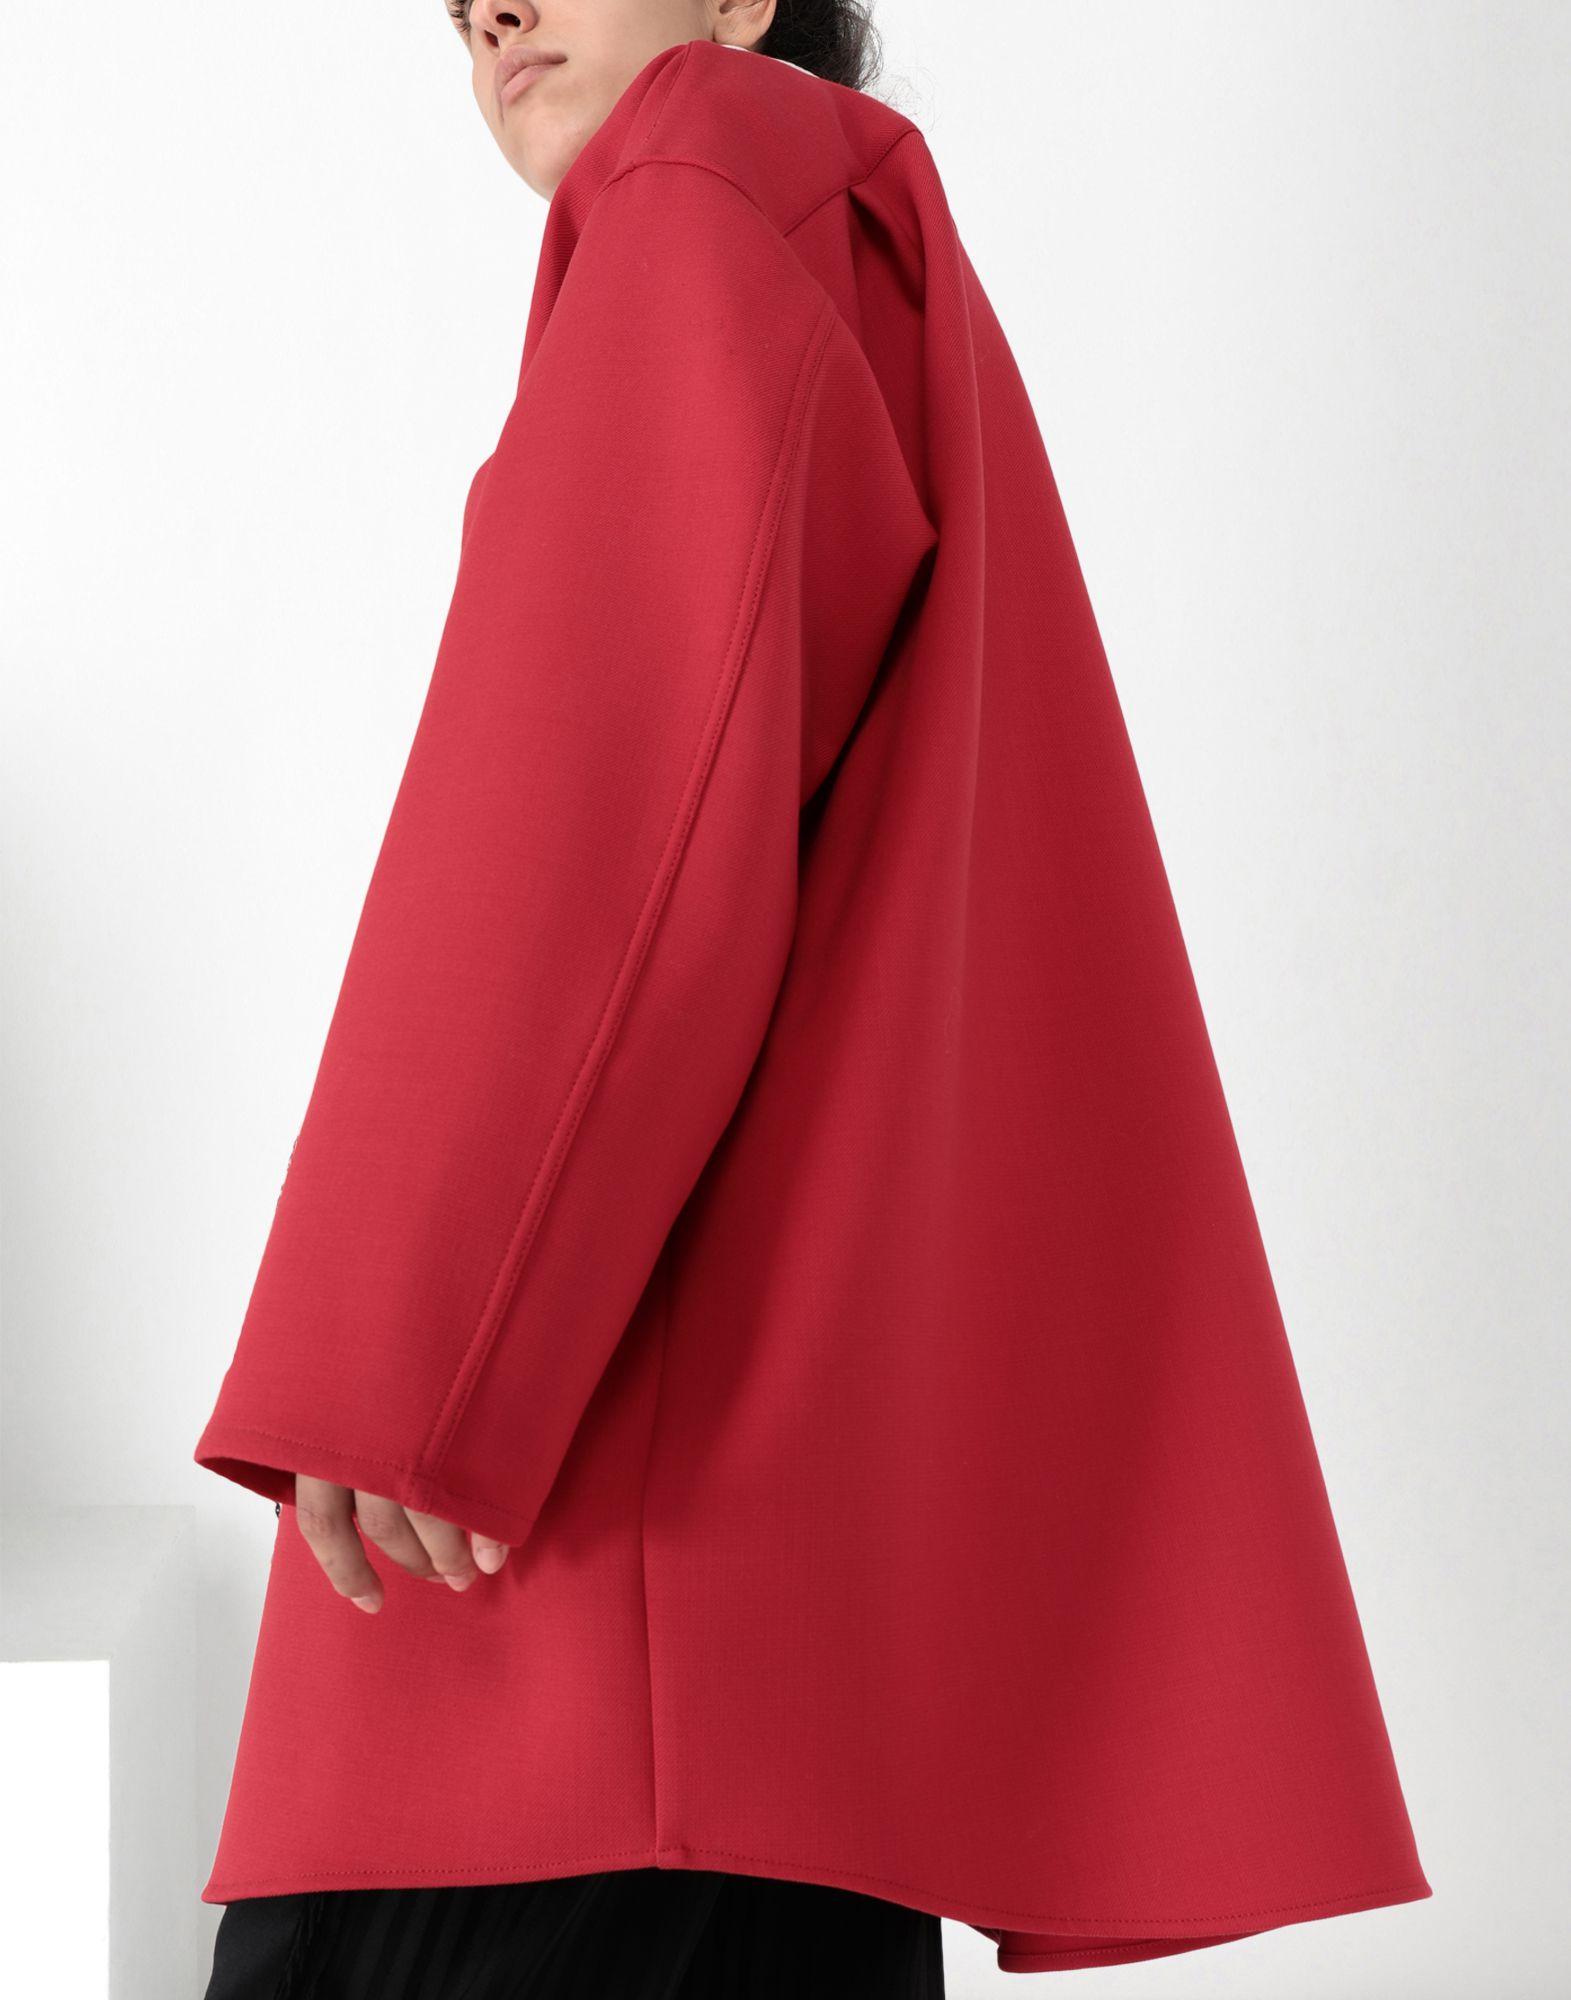 MM6 MAISON MARGIELA Shirt dress Short dress Woman a